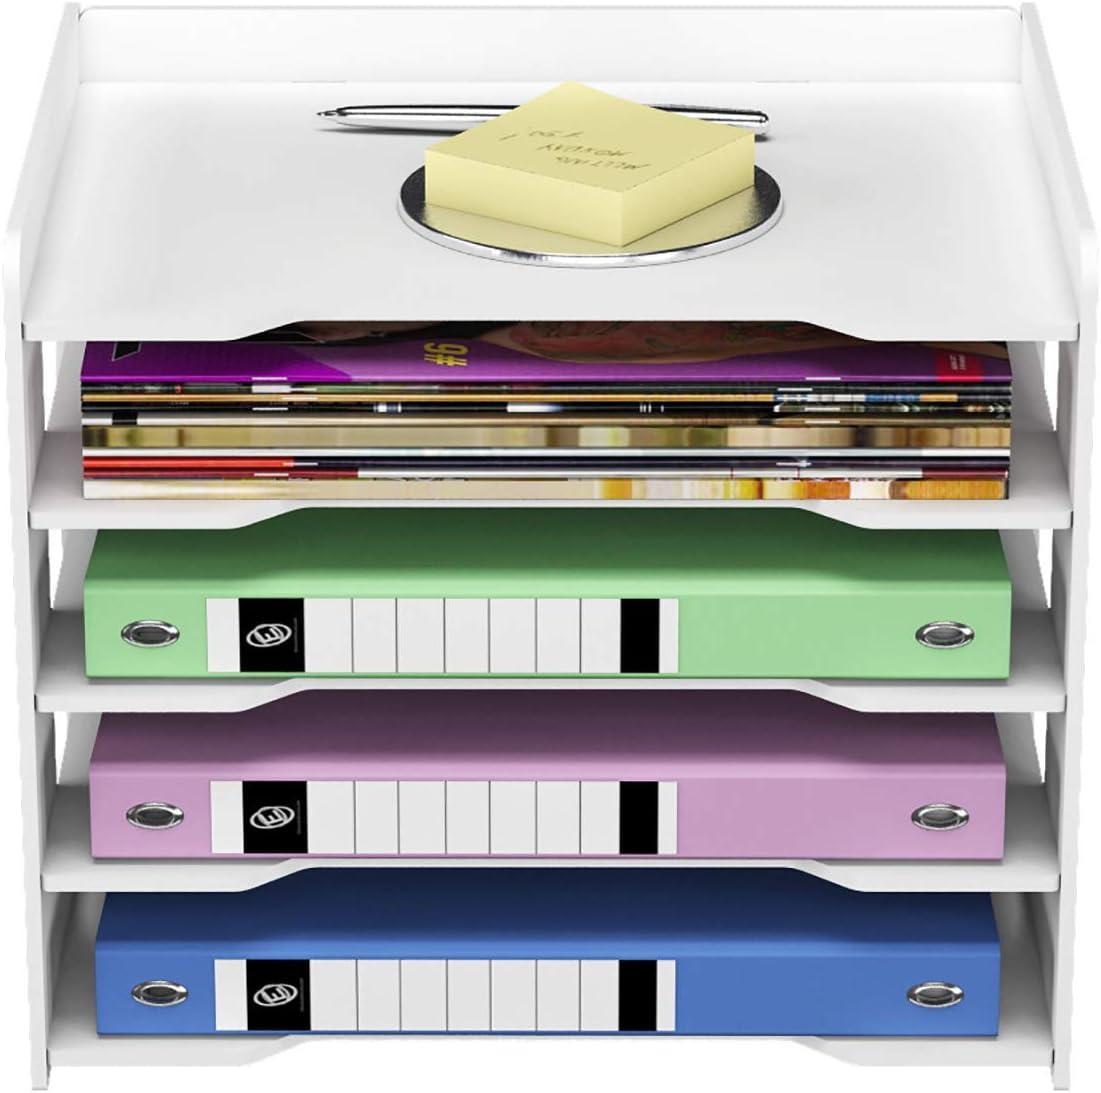 Hemoton Desk Organizer Rattan Magazine File Rack Holder Organizer Desk Accessories File Organizer Storage Container for Desk Organization and Paper Organizer Brown Home Restaurant Hotel